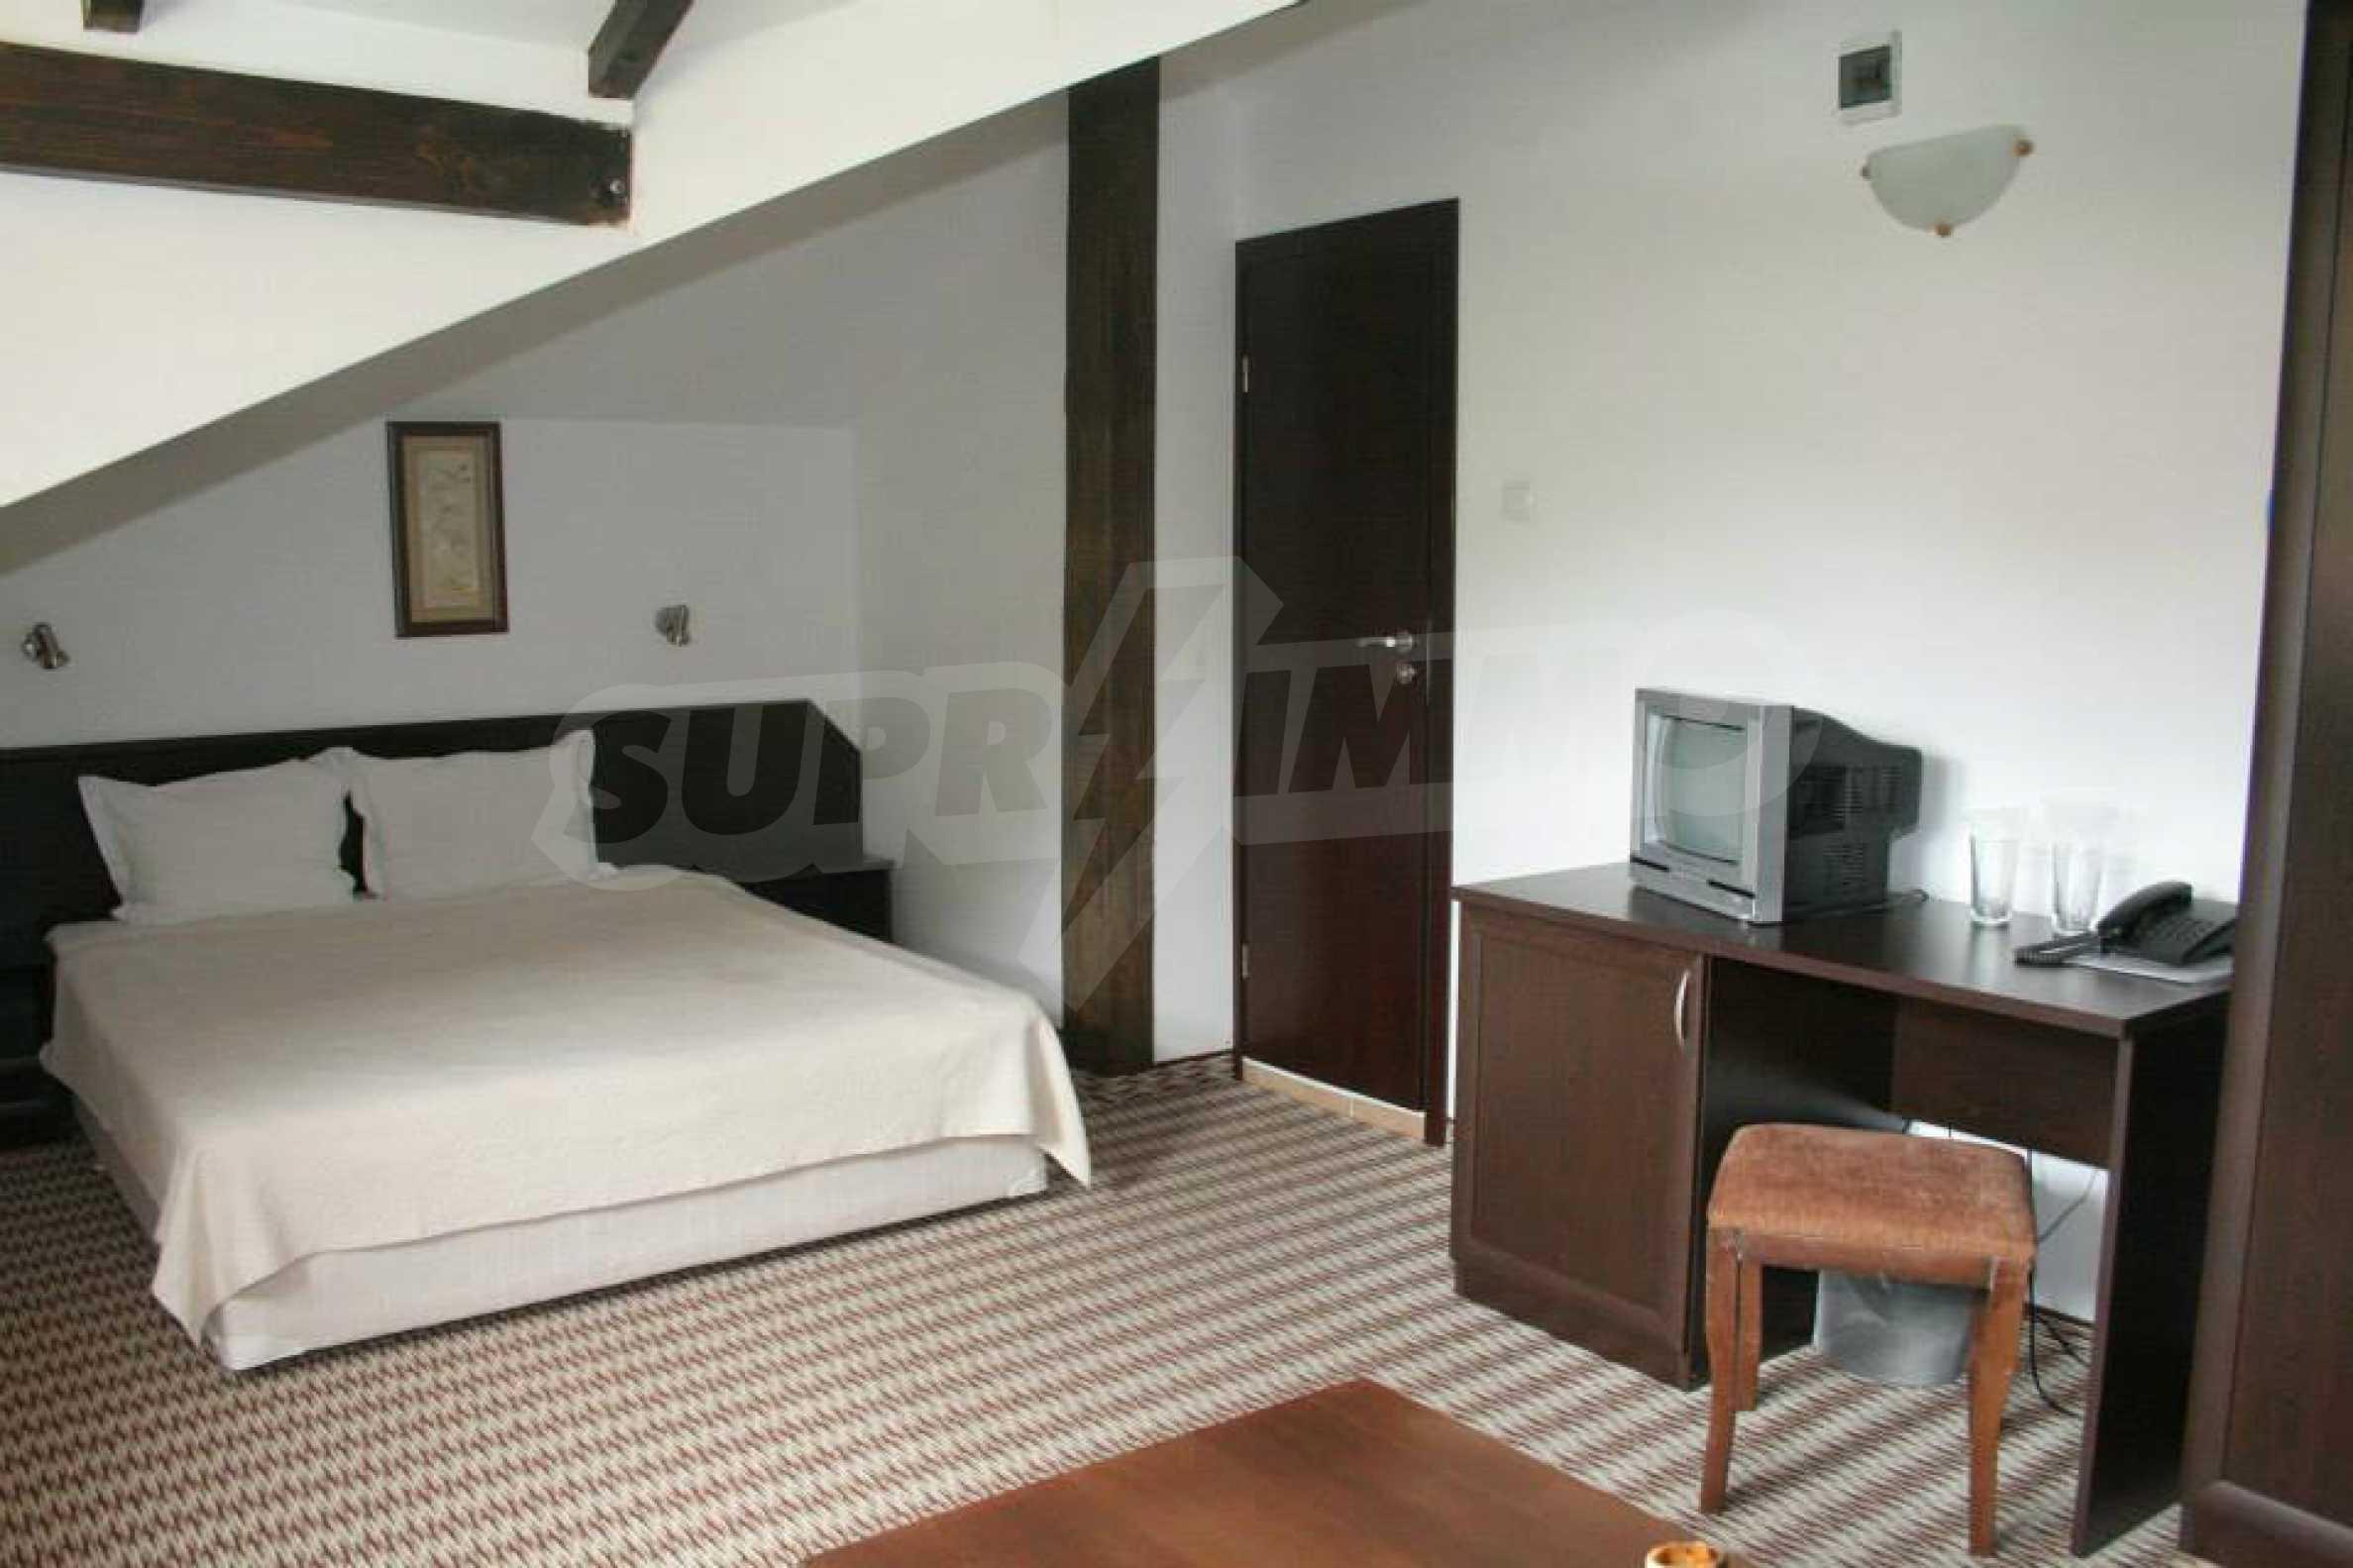 Gemütliches Hotel mit Pool im Herzen des Balkangebirges 12